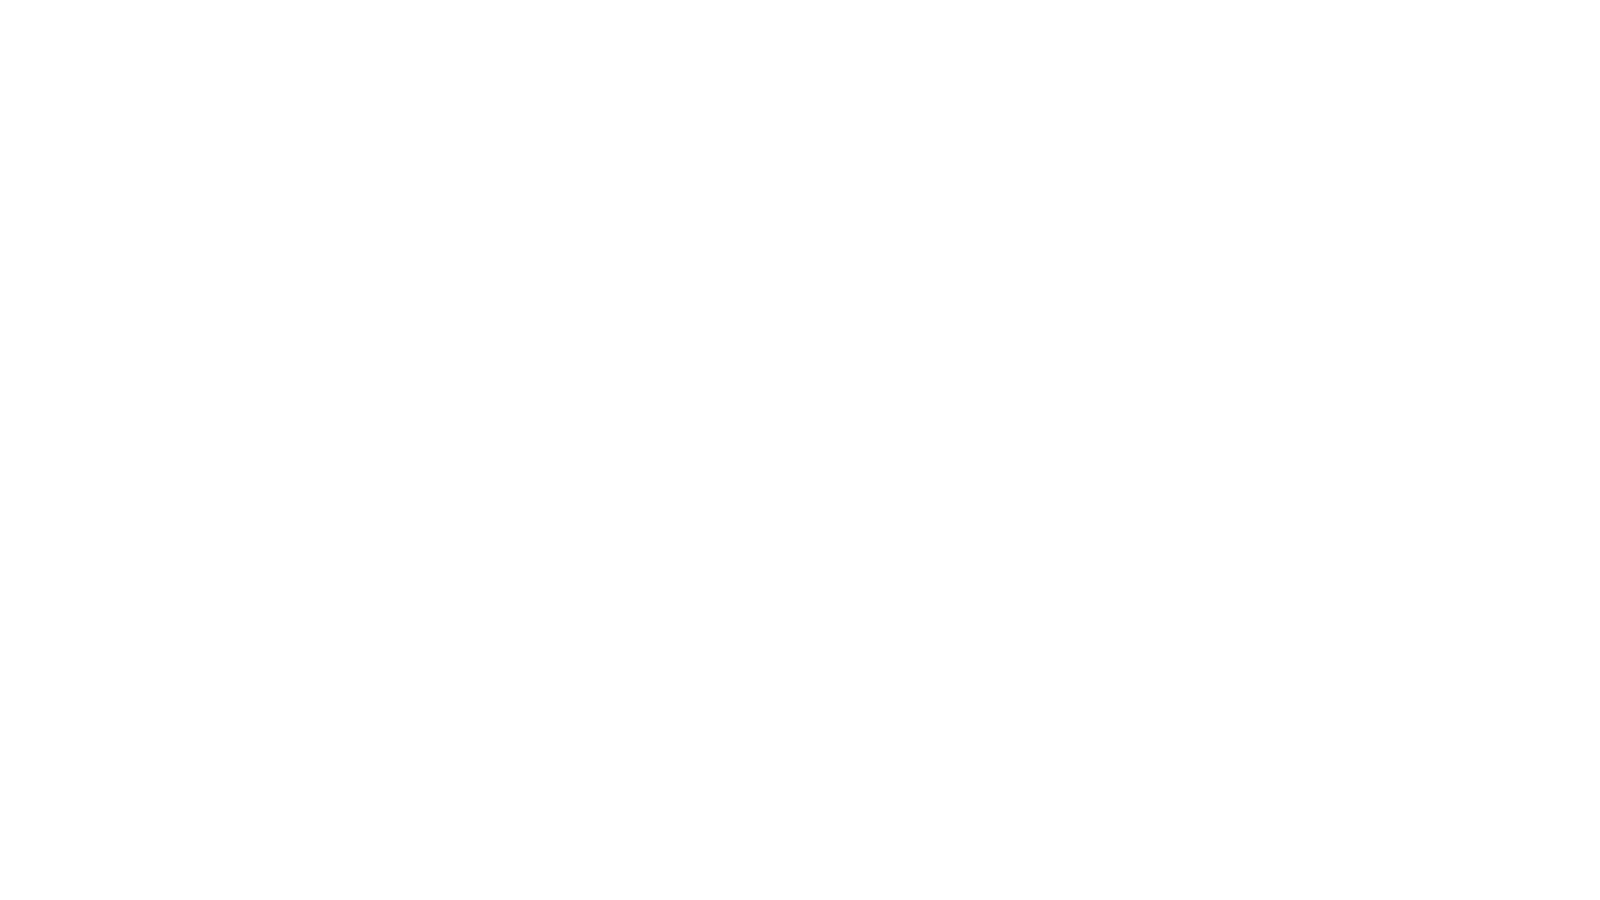 Les presentamos la sexta  edición de nuestro noticiero, #RAPETV. Cada semana les informaremos la gestión más relevante que se realiza desde la #RegiónCentral y la labor de nuestros asociados Bogotá, Boyacá, C/marca, Huila, Meta y Tolima. Suscríbete en nuestro canal de youtube: La Región Central.